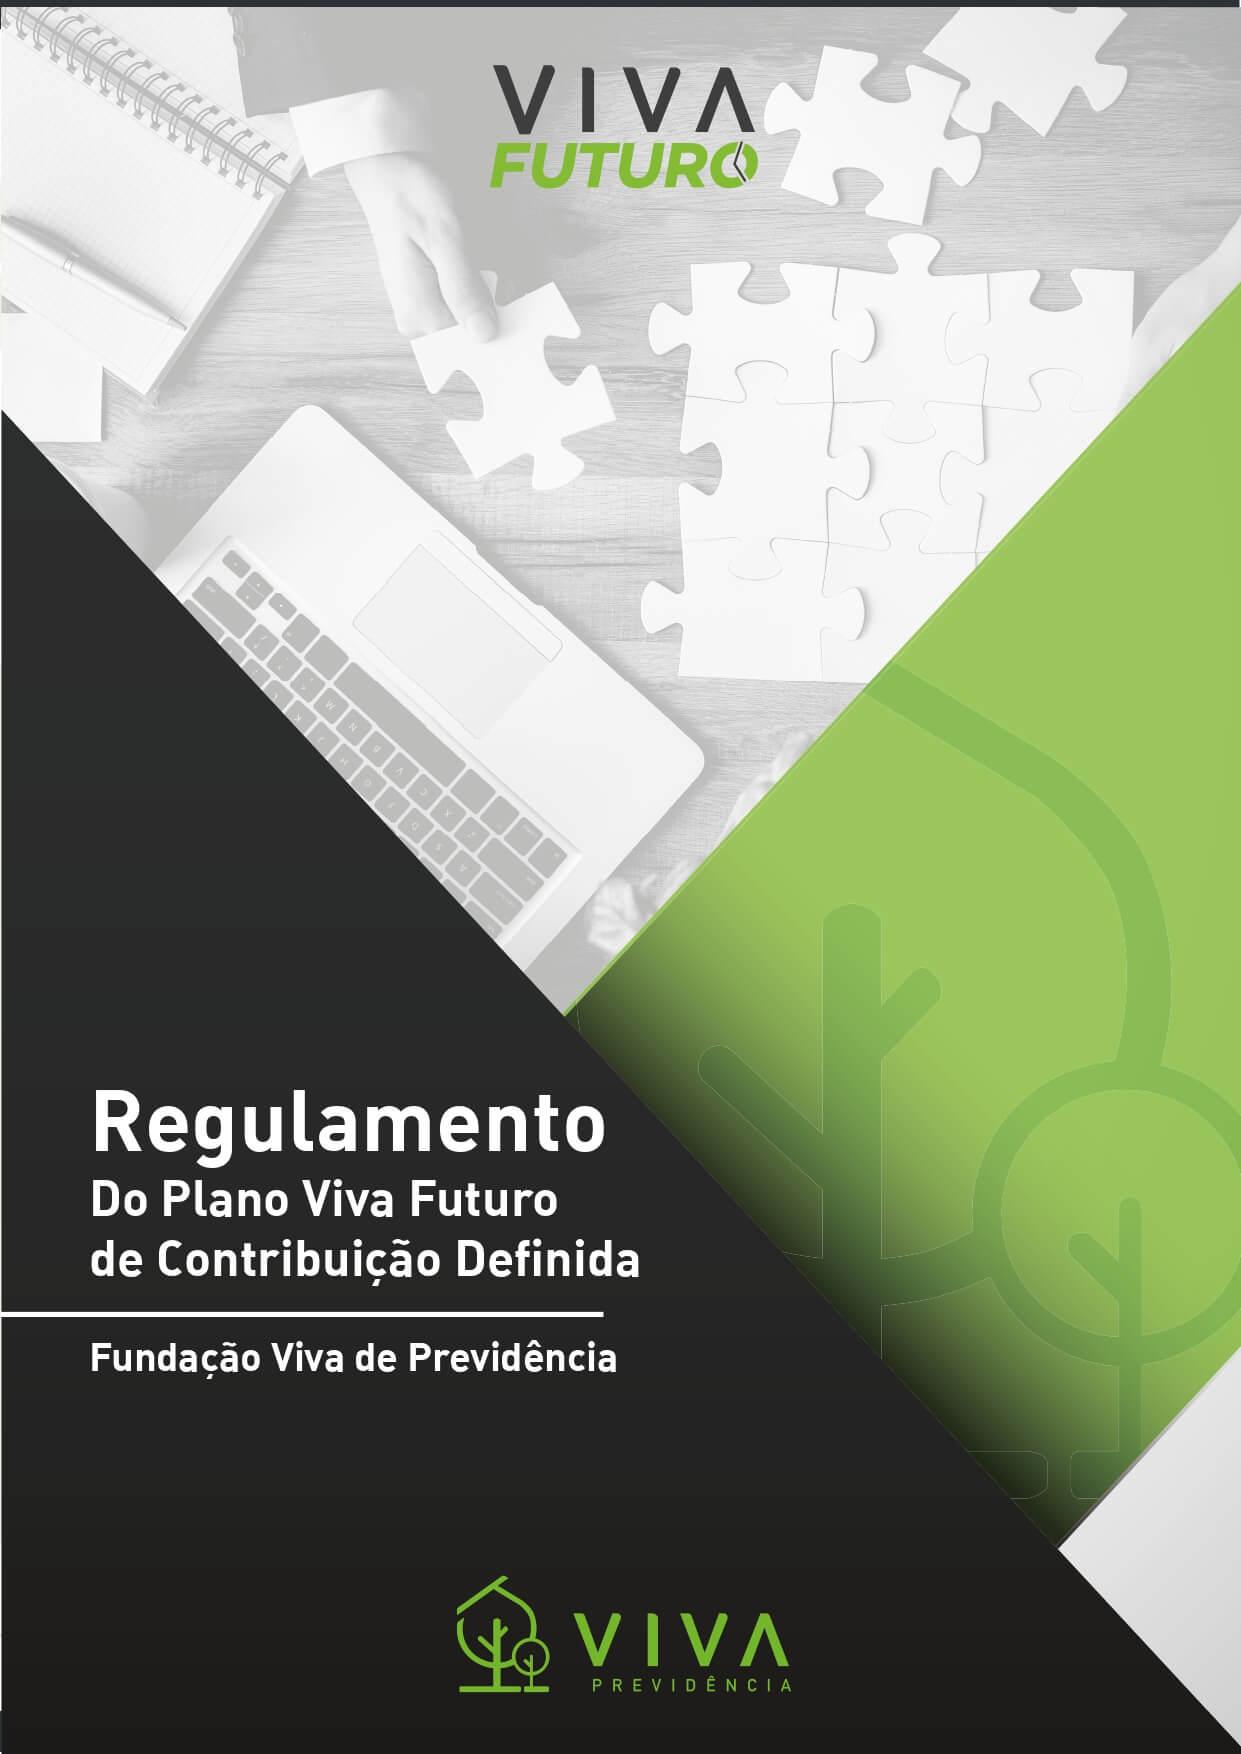 Regulamento Viva Futuro